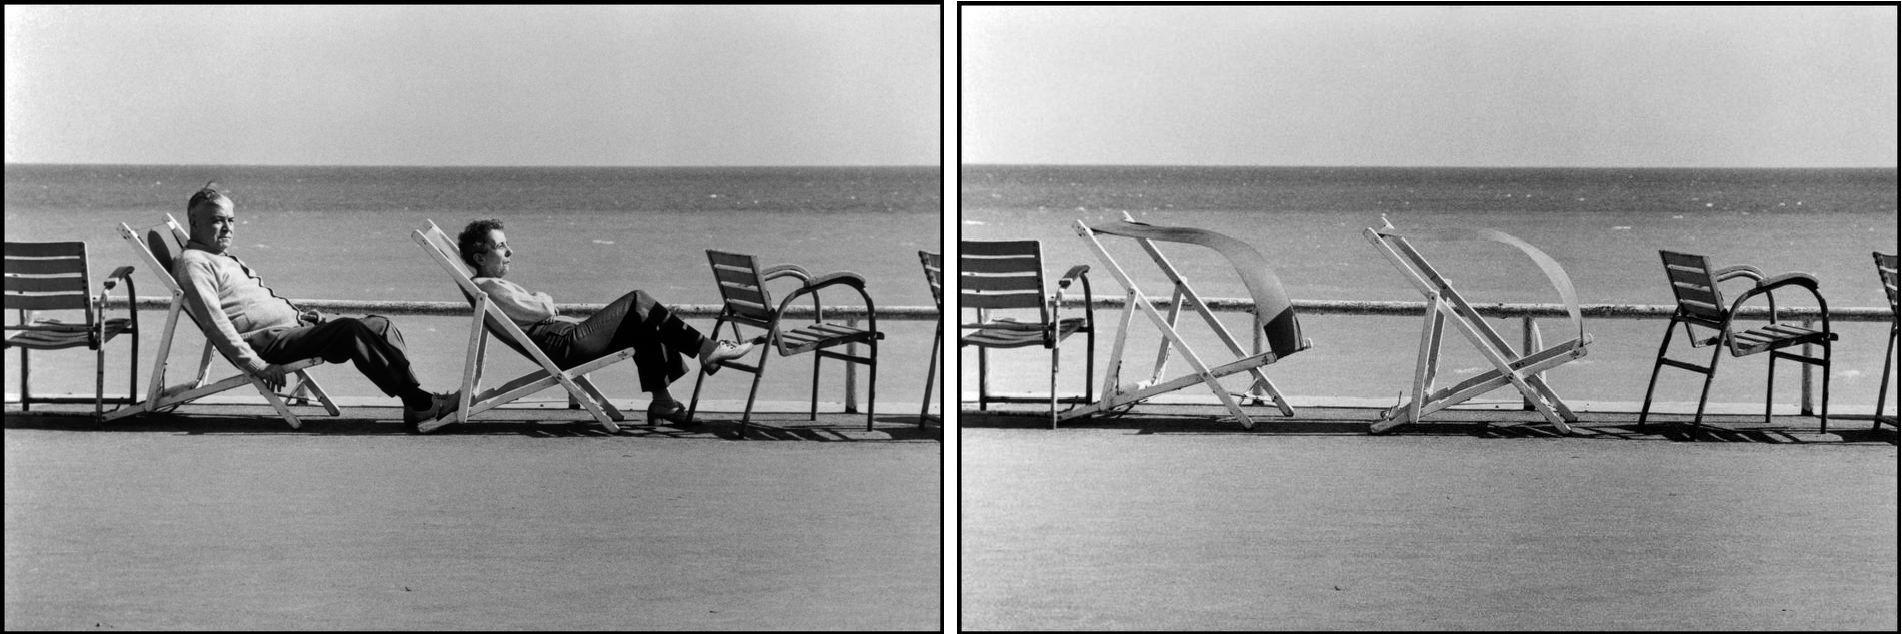 Cannes France Beach Chairs 1975.jpg (1902×634)